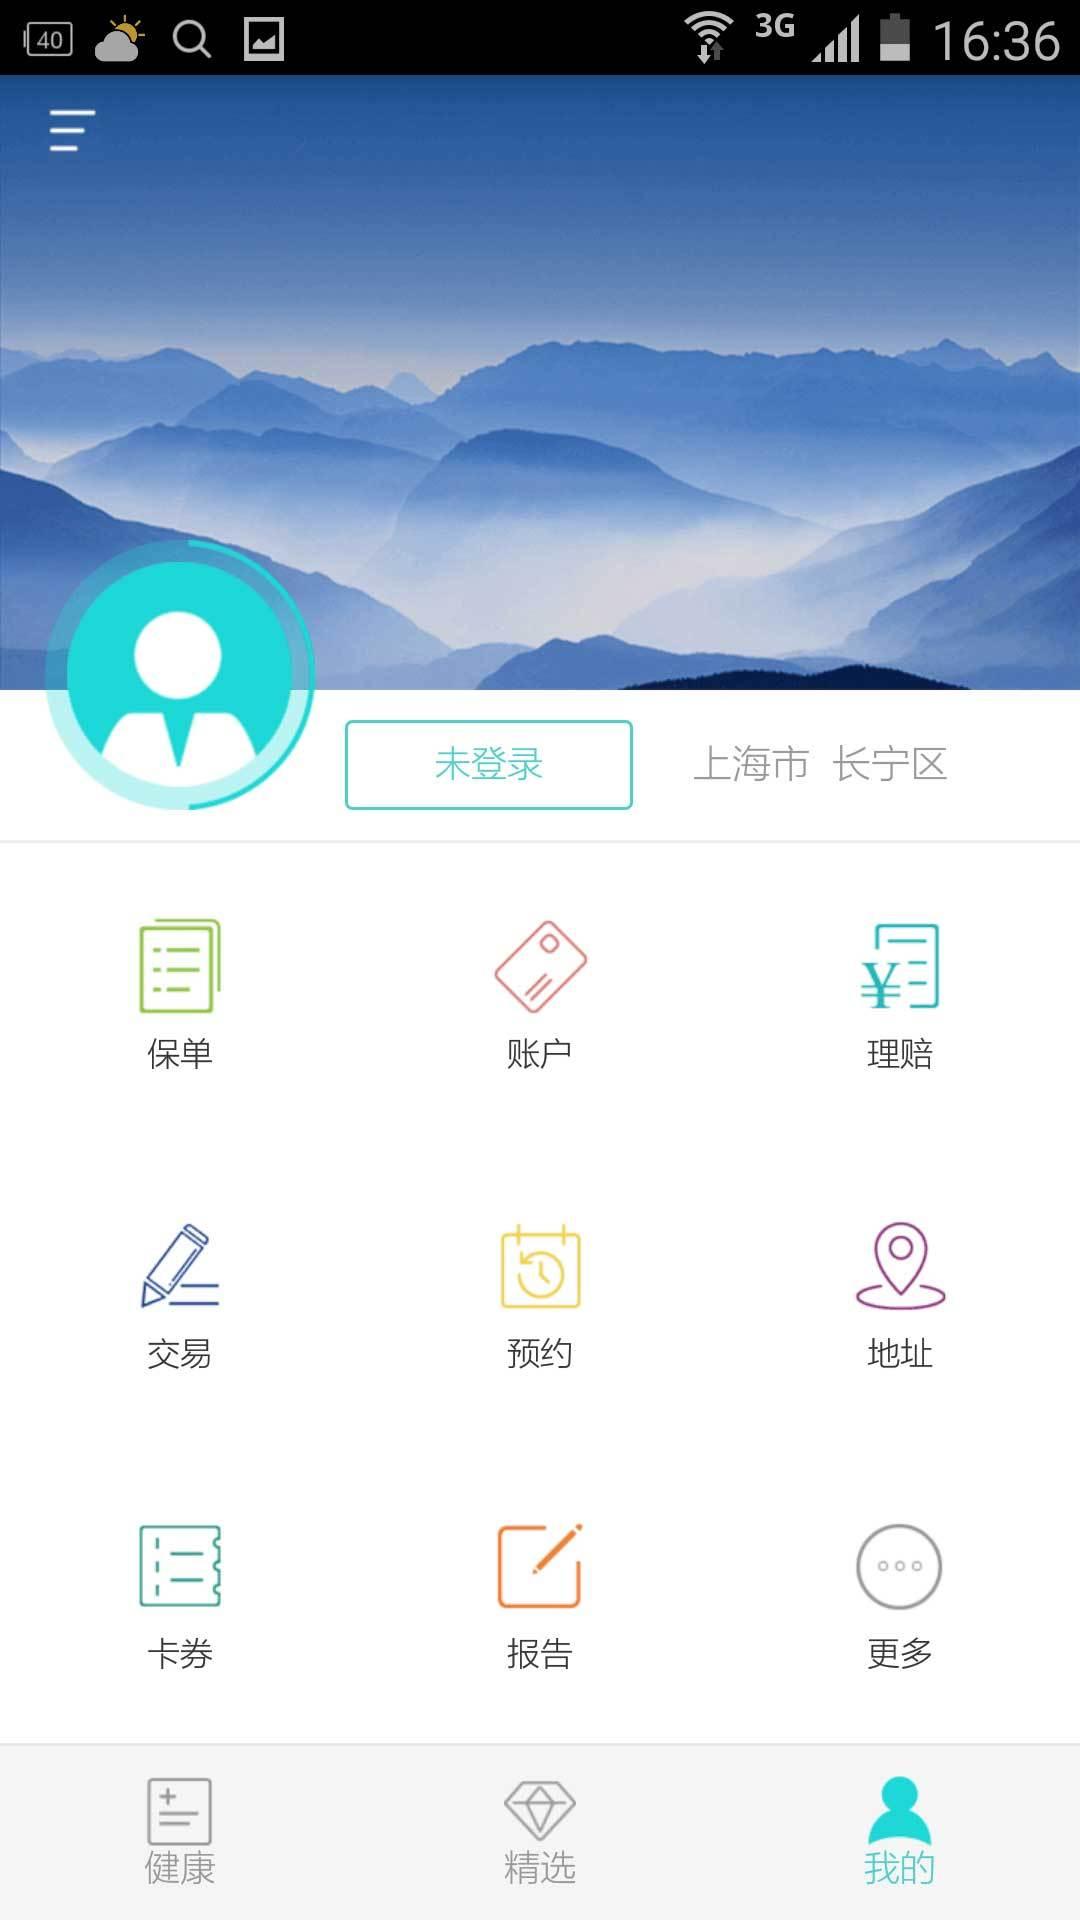 非常保镖国语 04 电视剧_最大m3u8在线观看免费 - 百事影院手机版